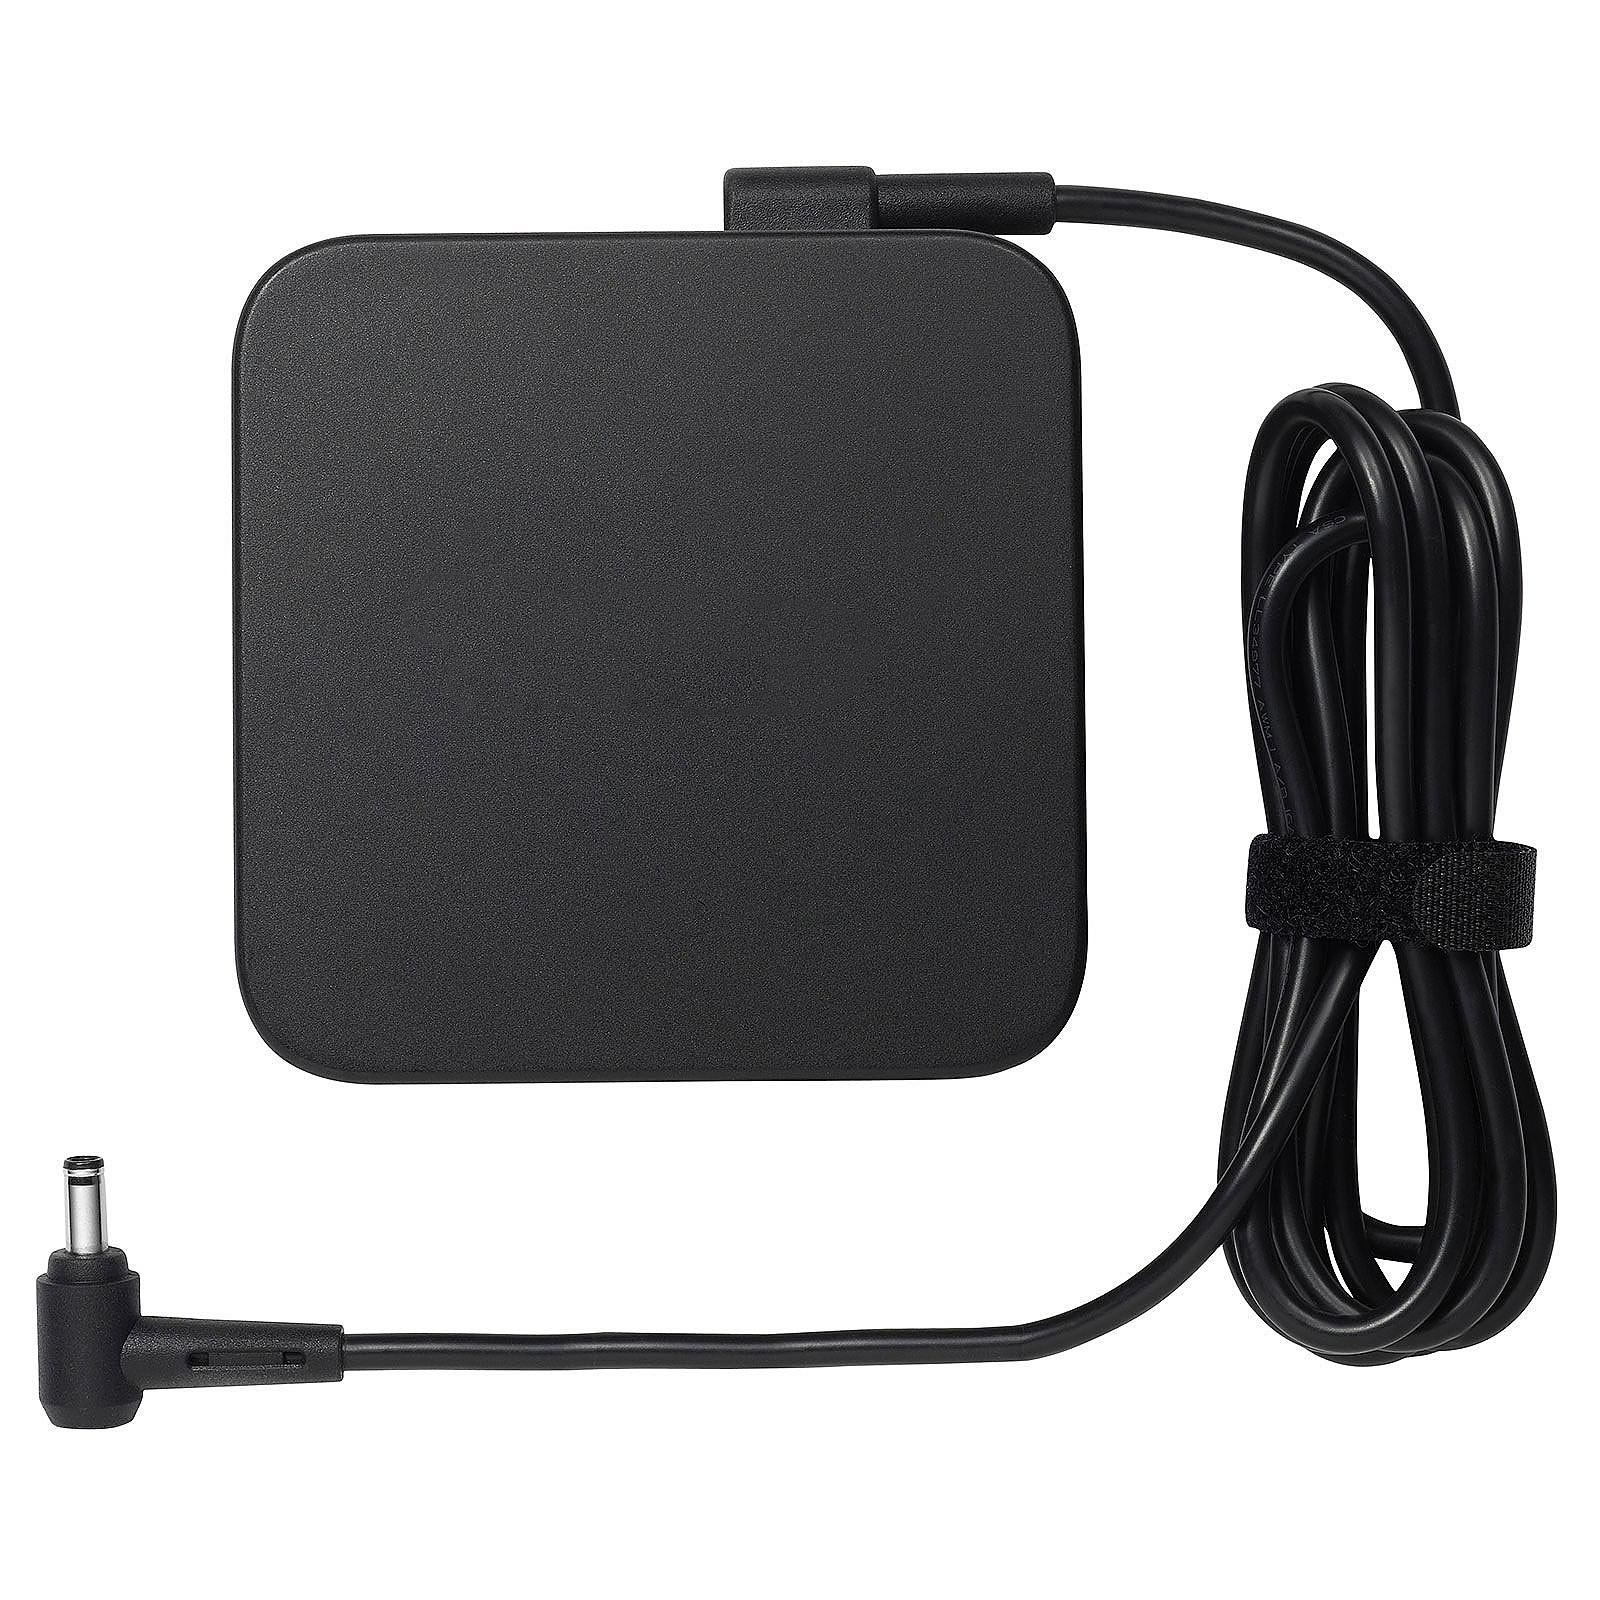 ASUS adaptador de corriente de 90 W (04G266006220)